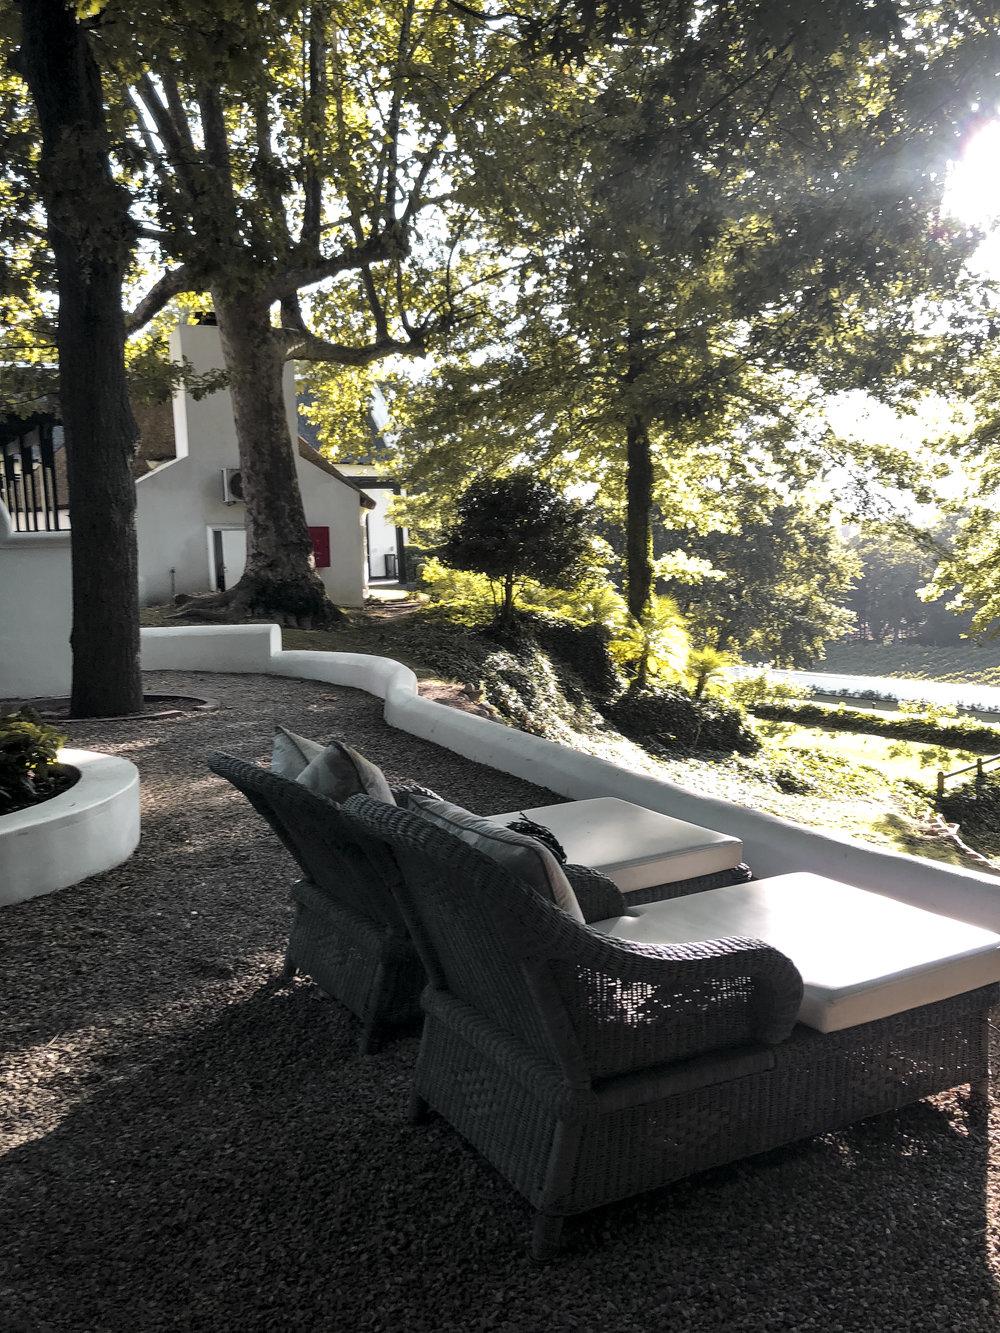 Mitten in der Natur - Rundherum befindet sich Natur pur, sogar eine eigene kleine Terasse ist dabei. Das Zimmer ist modern afrikanisch eingerichtet, am Bettende steht ein Kamin und von der Badewanne aus hat man einen Blick auf das Weingut.